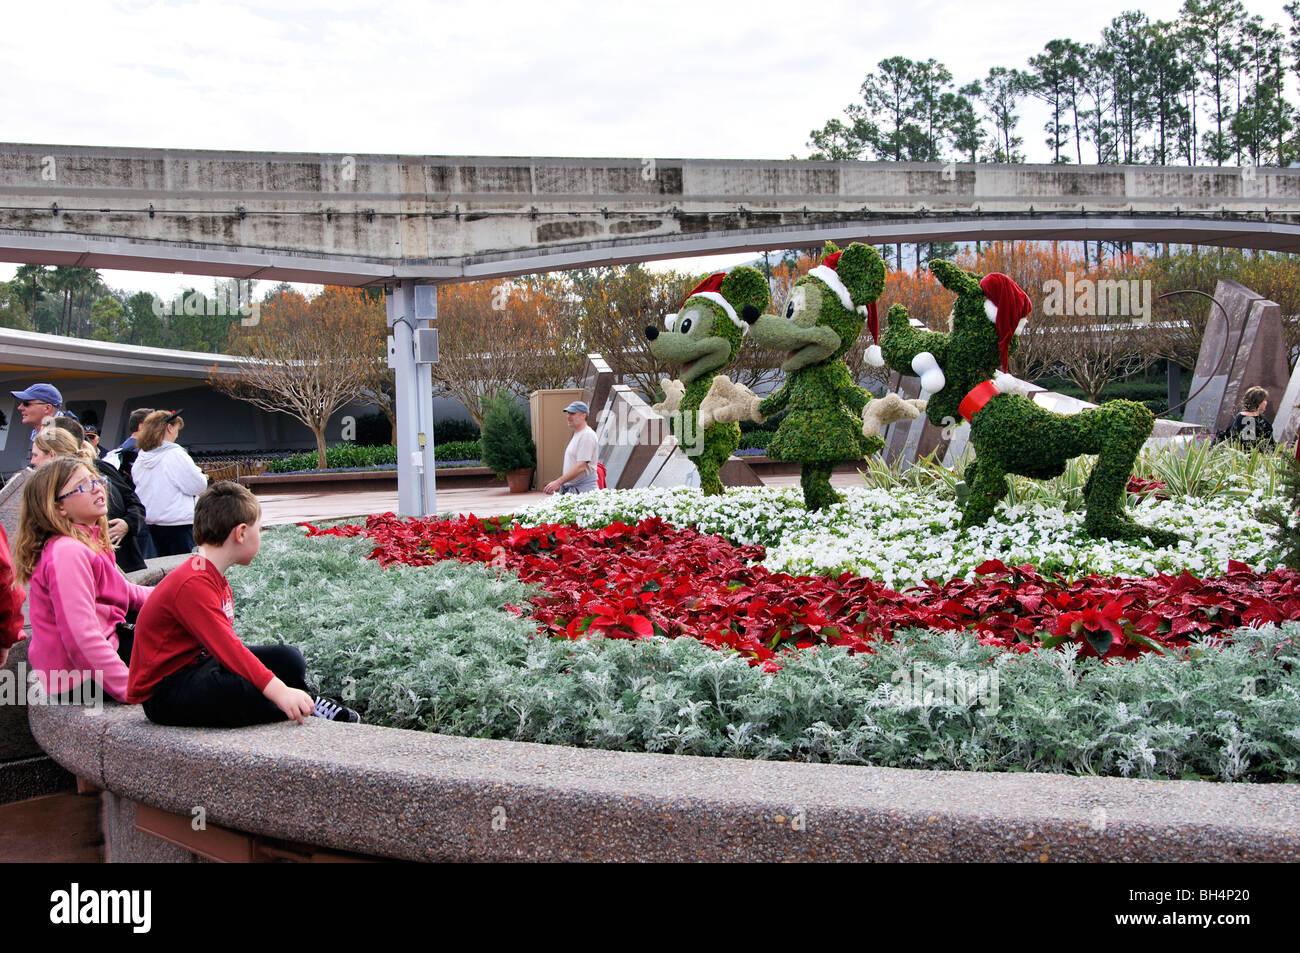 Pippo, Topolino e Minnie Mouse sculture di fiori, Disney, Orlando, Florida, Stati Uniti d'America Foto Stock